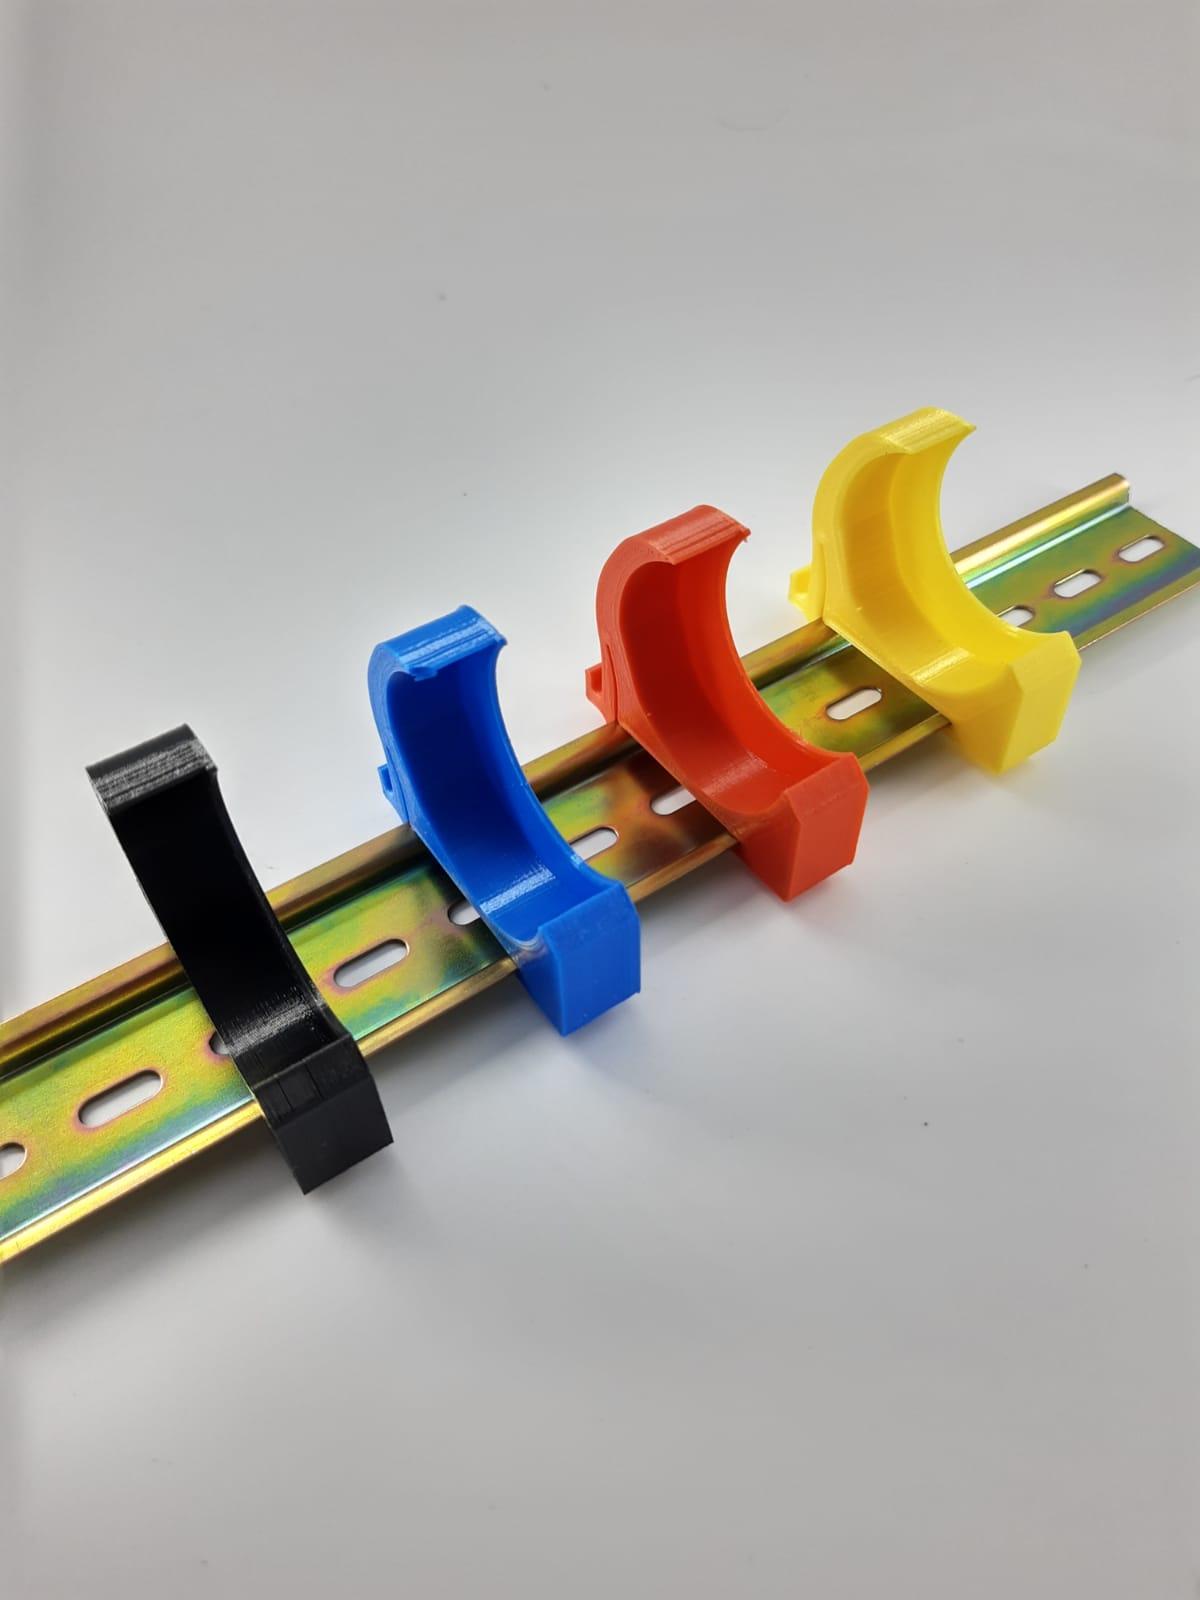 3er Set Hutschienenhalter - Hutschienen-Adapter (35mm) Shelly 1 oder 1PM - 1fach Blau MINI